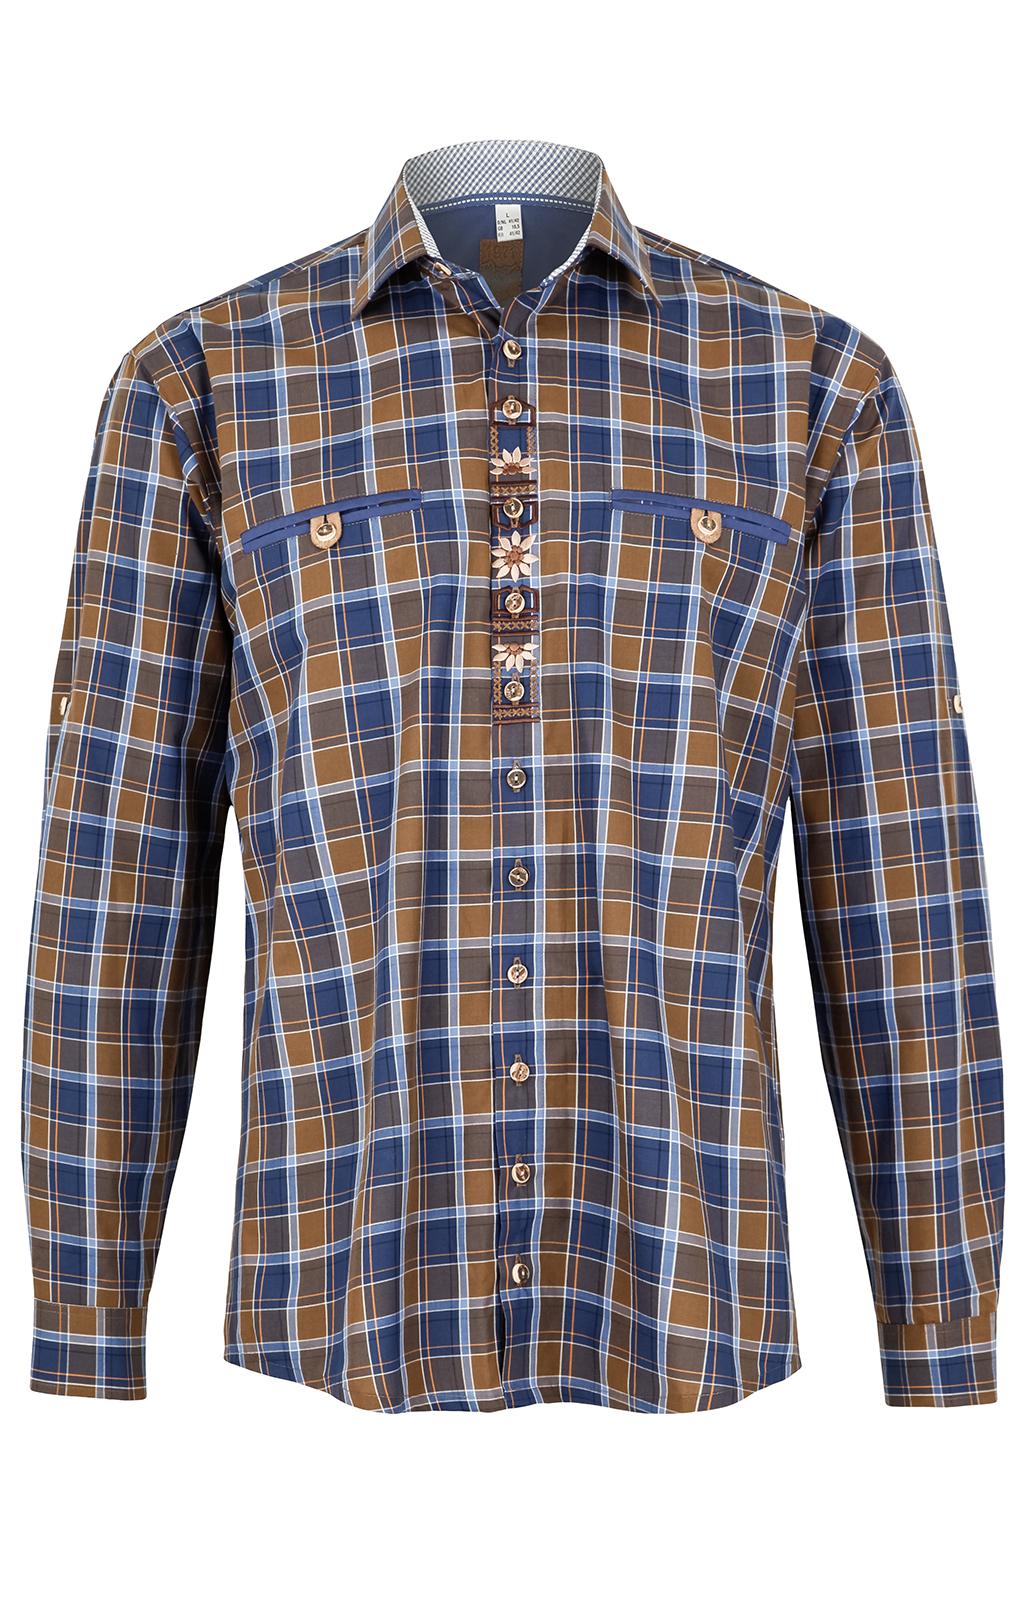 weitere Bilder von German traditional shirt short arms blue brown